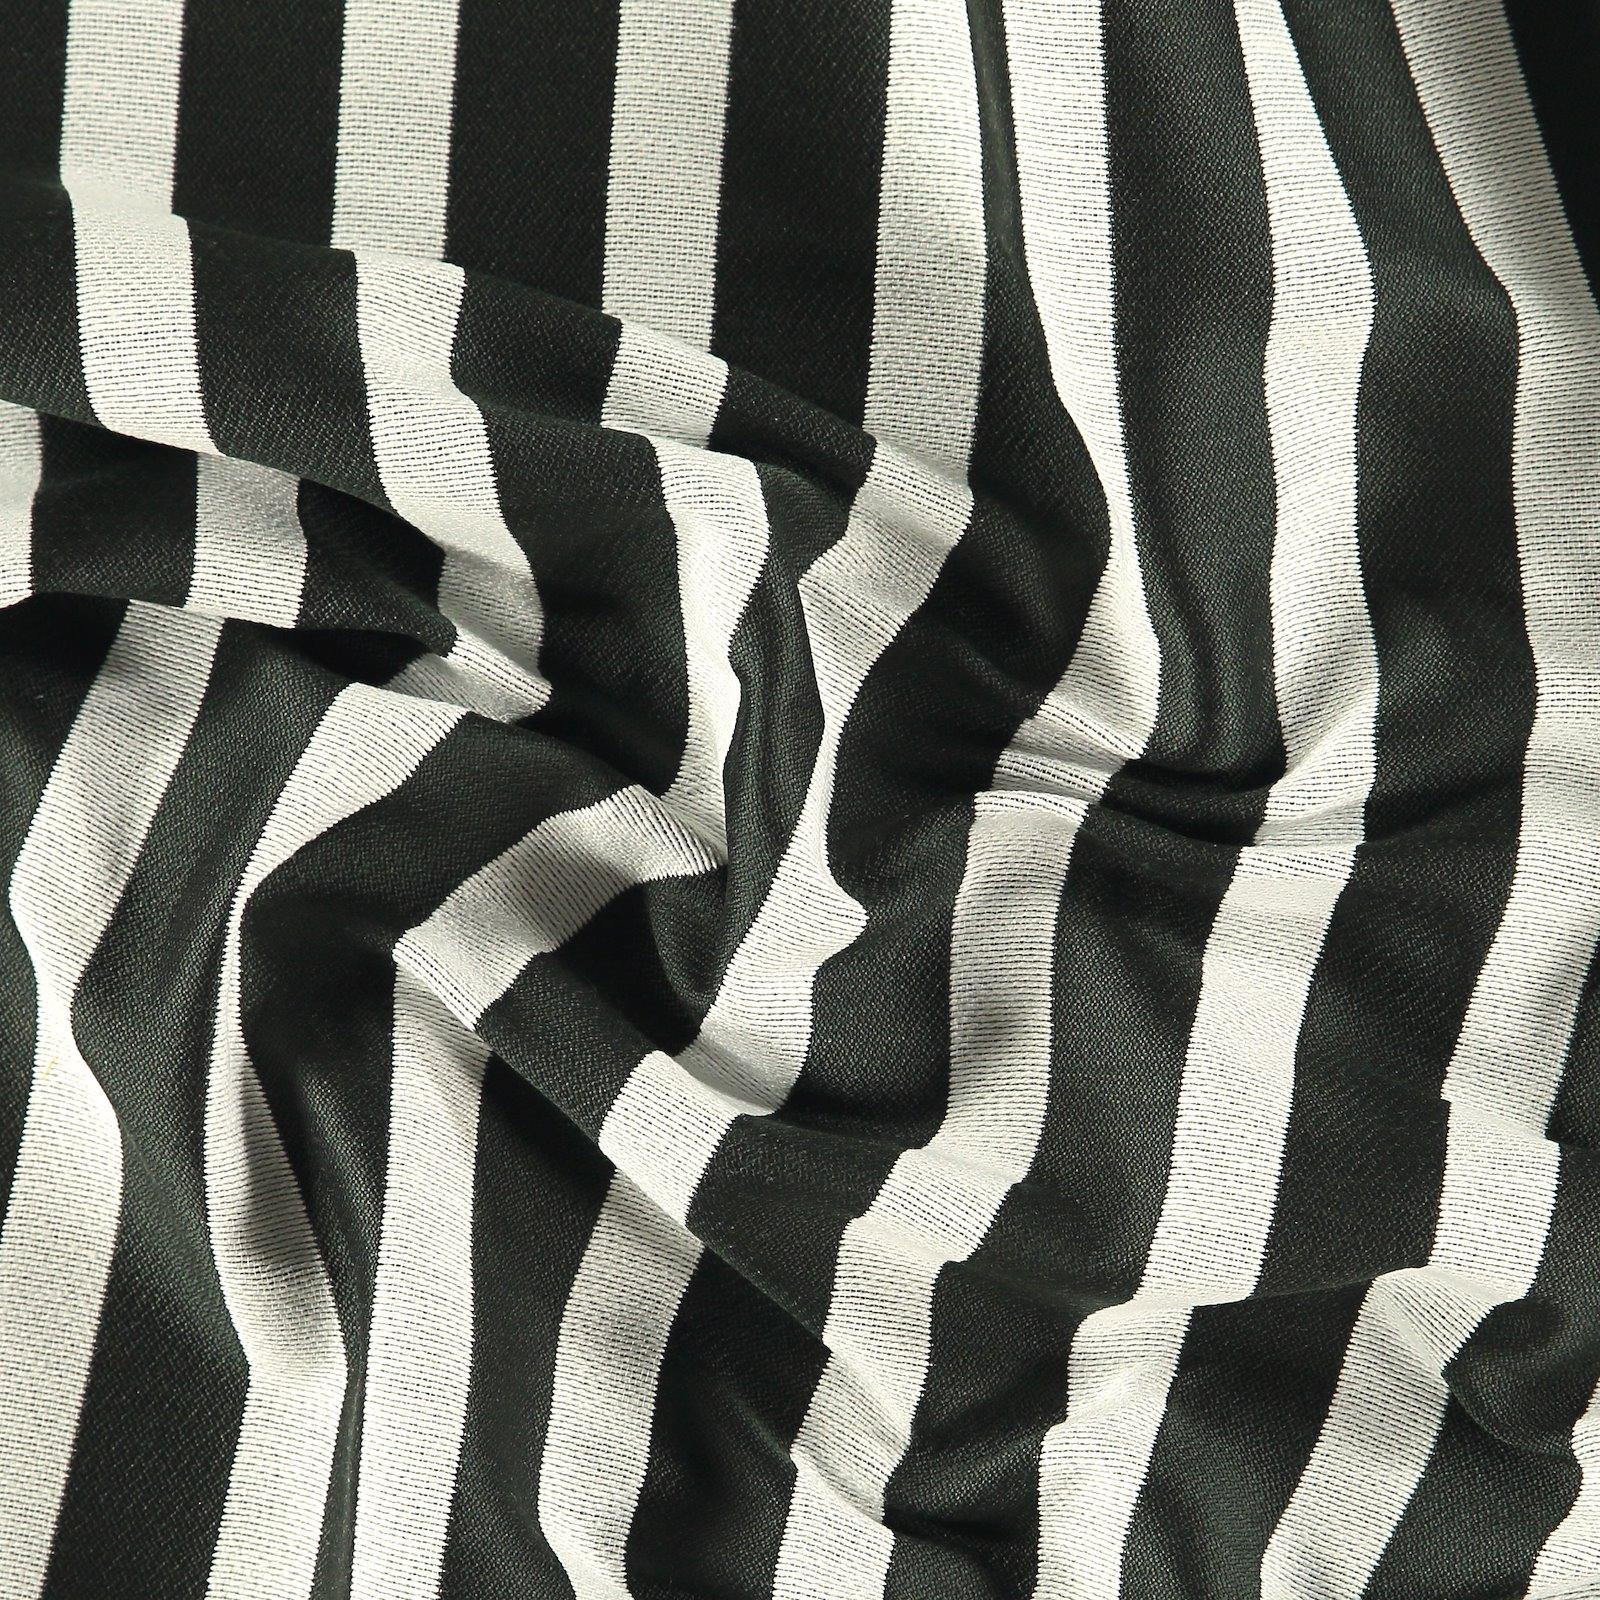 Jacquard yarn dyed black/white stripe